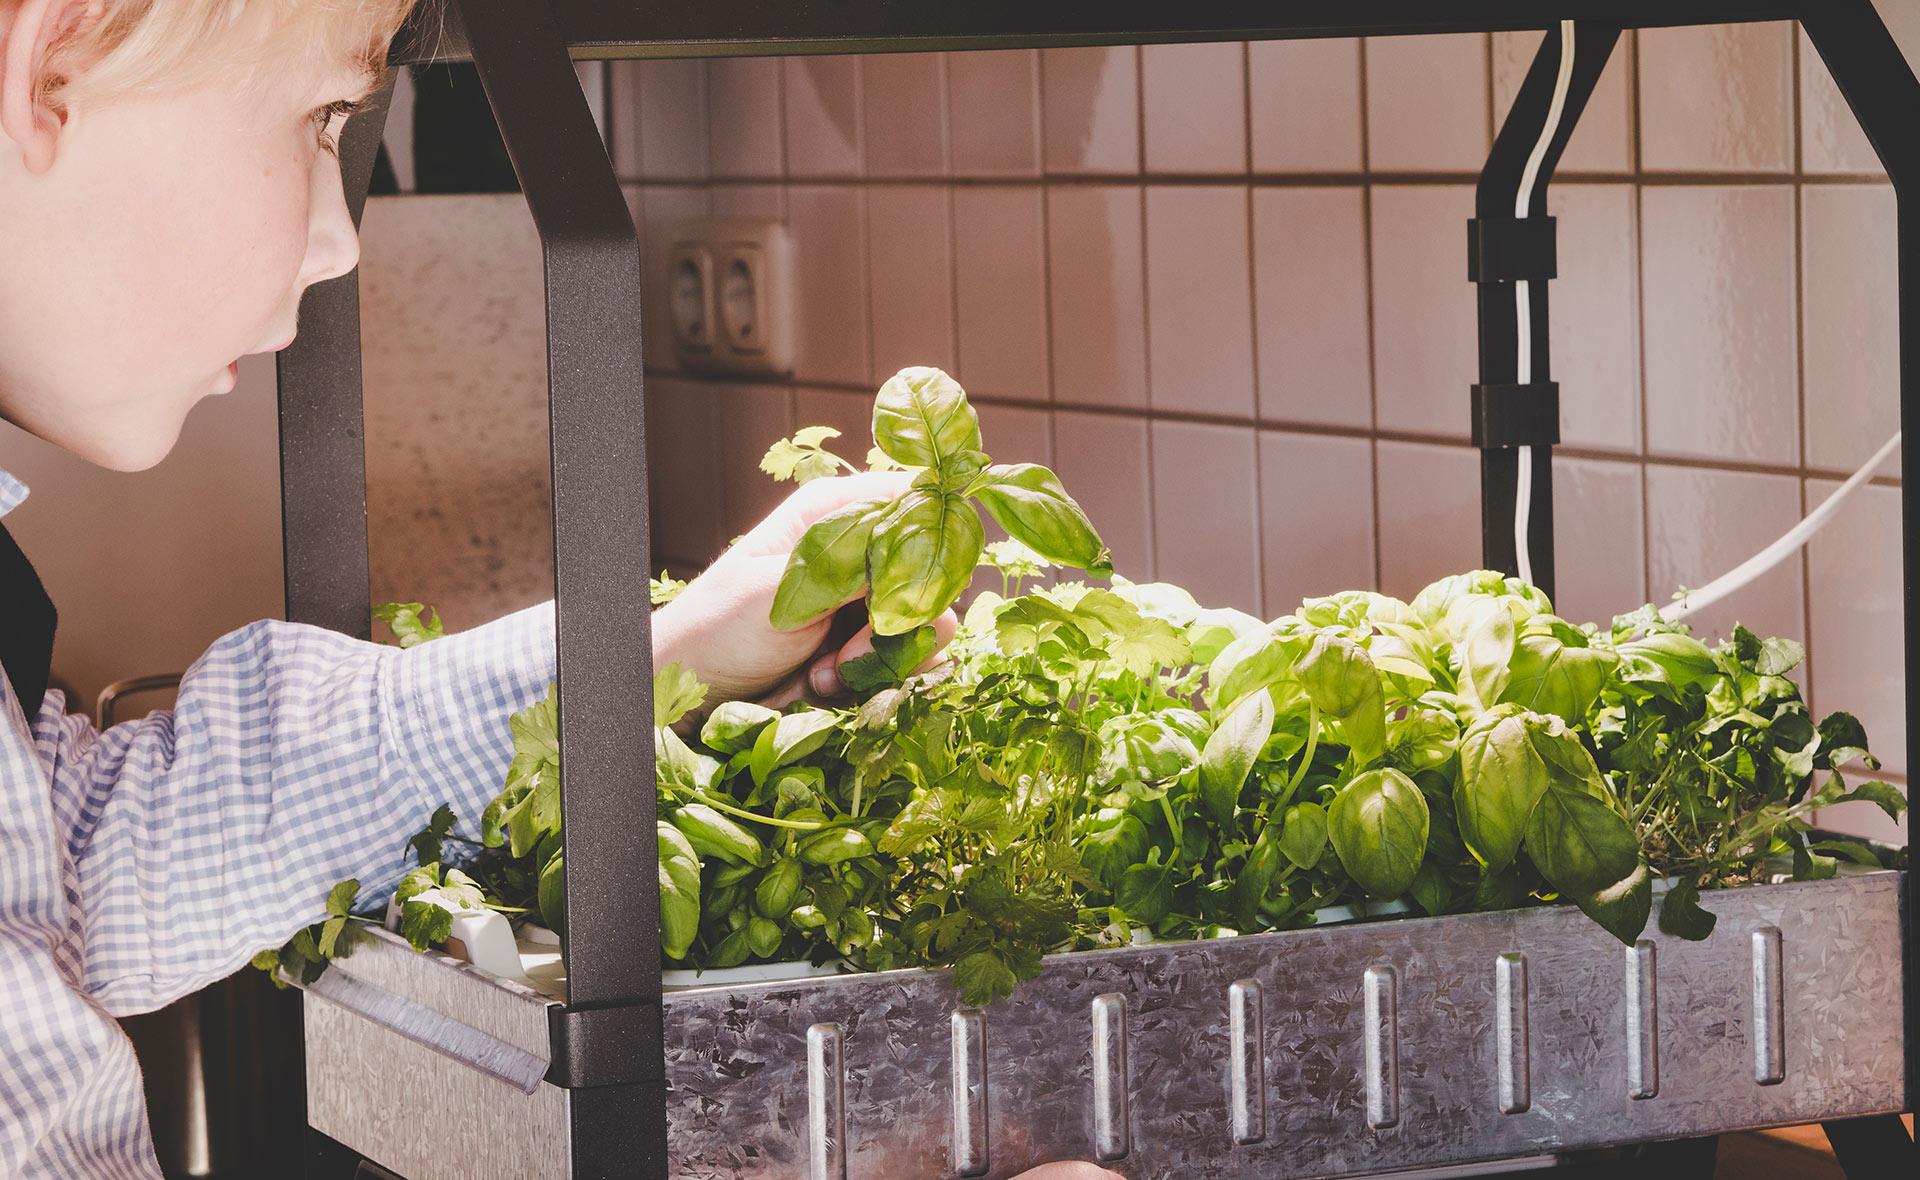 BBVA-hidroponia-apertura-cultivo-huerto-ecologico-sostenibilidad-plantacion-verduras-renovable-alimentos-sanos